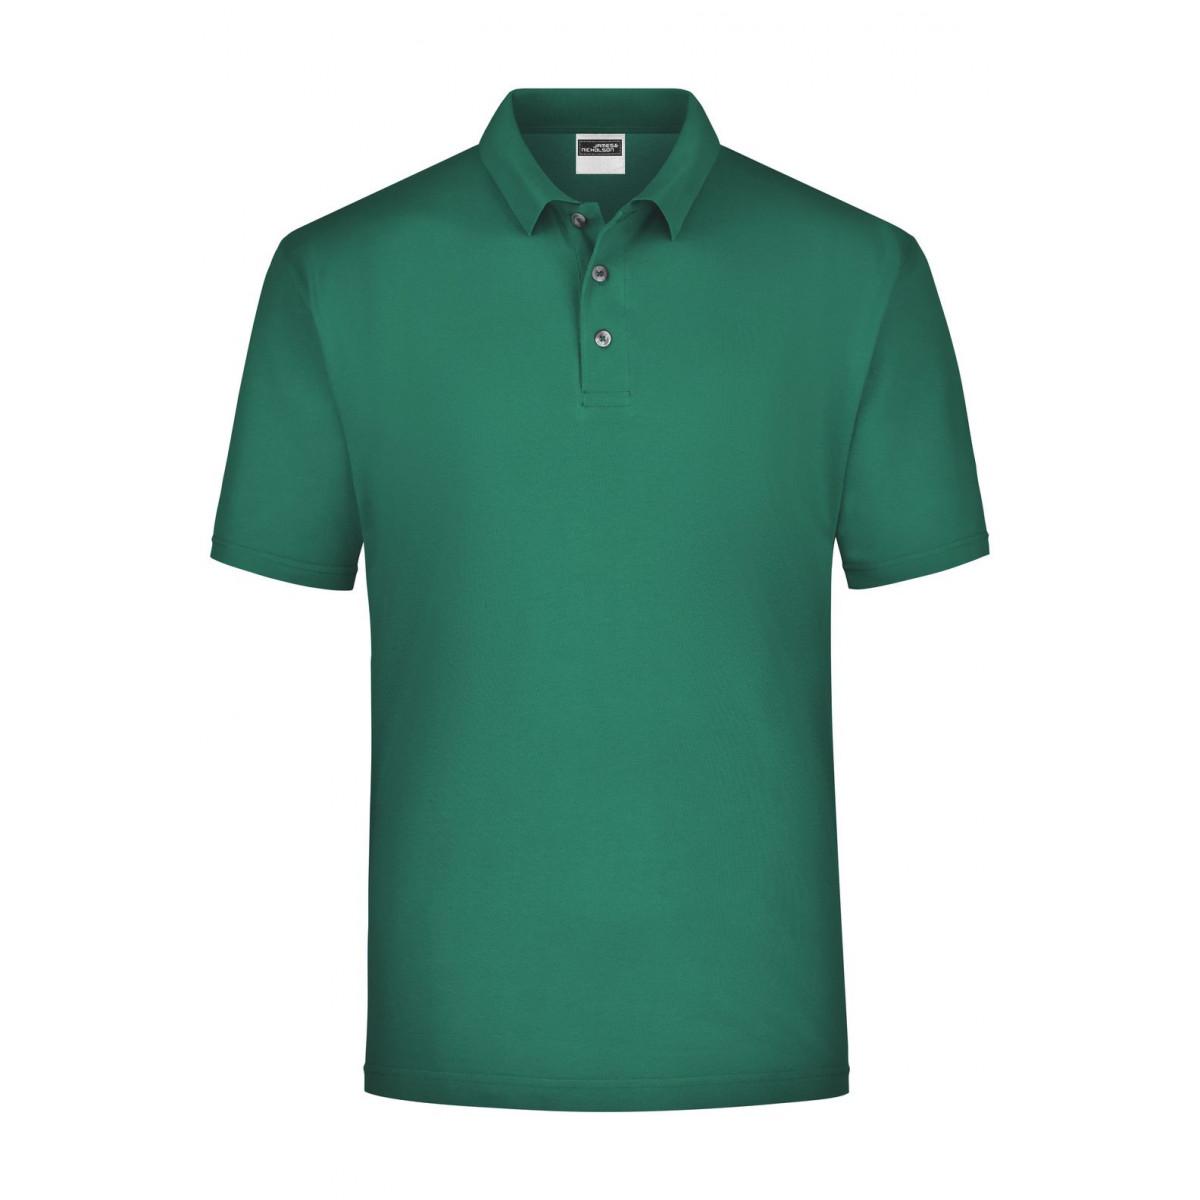 Рубашка поло мужская JN020 Polo Piqué Medium - Темно-зеленый